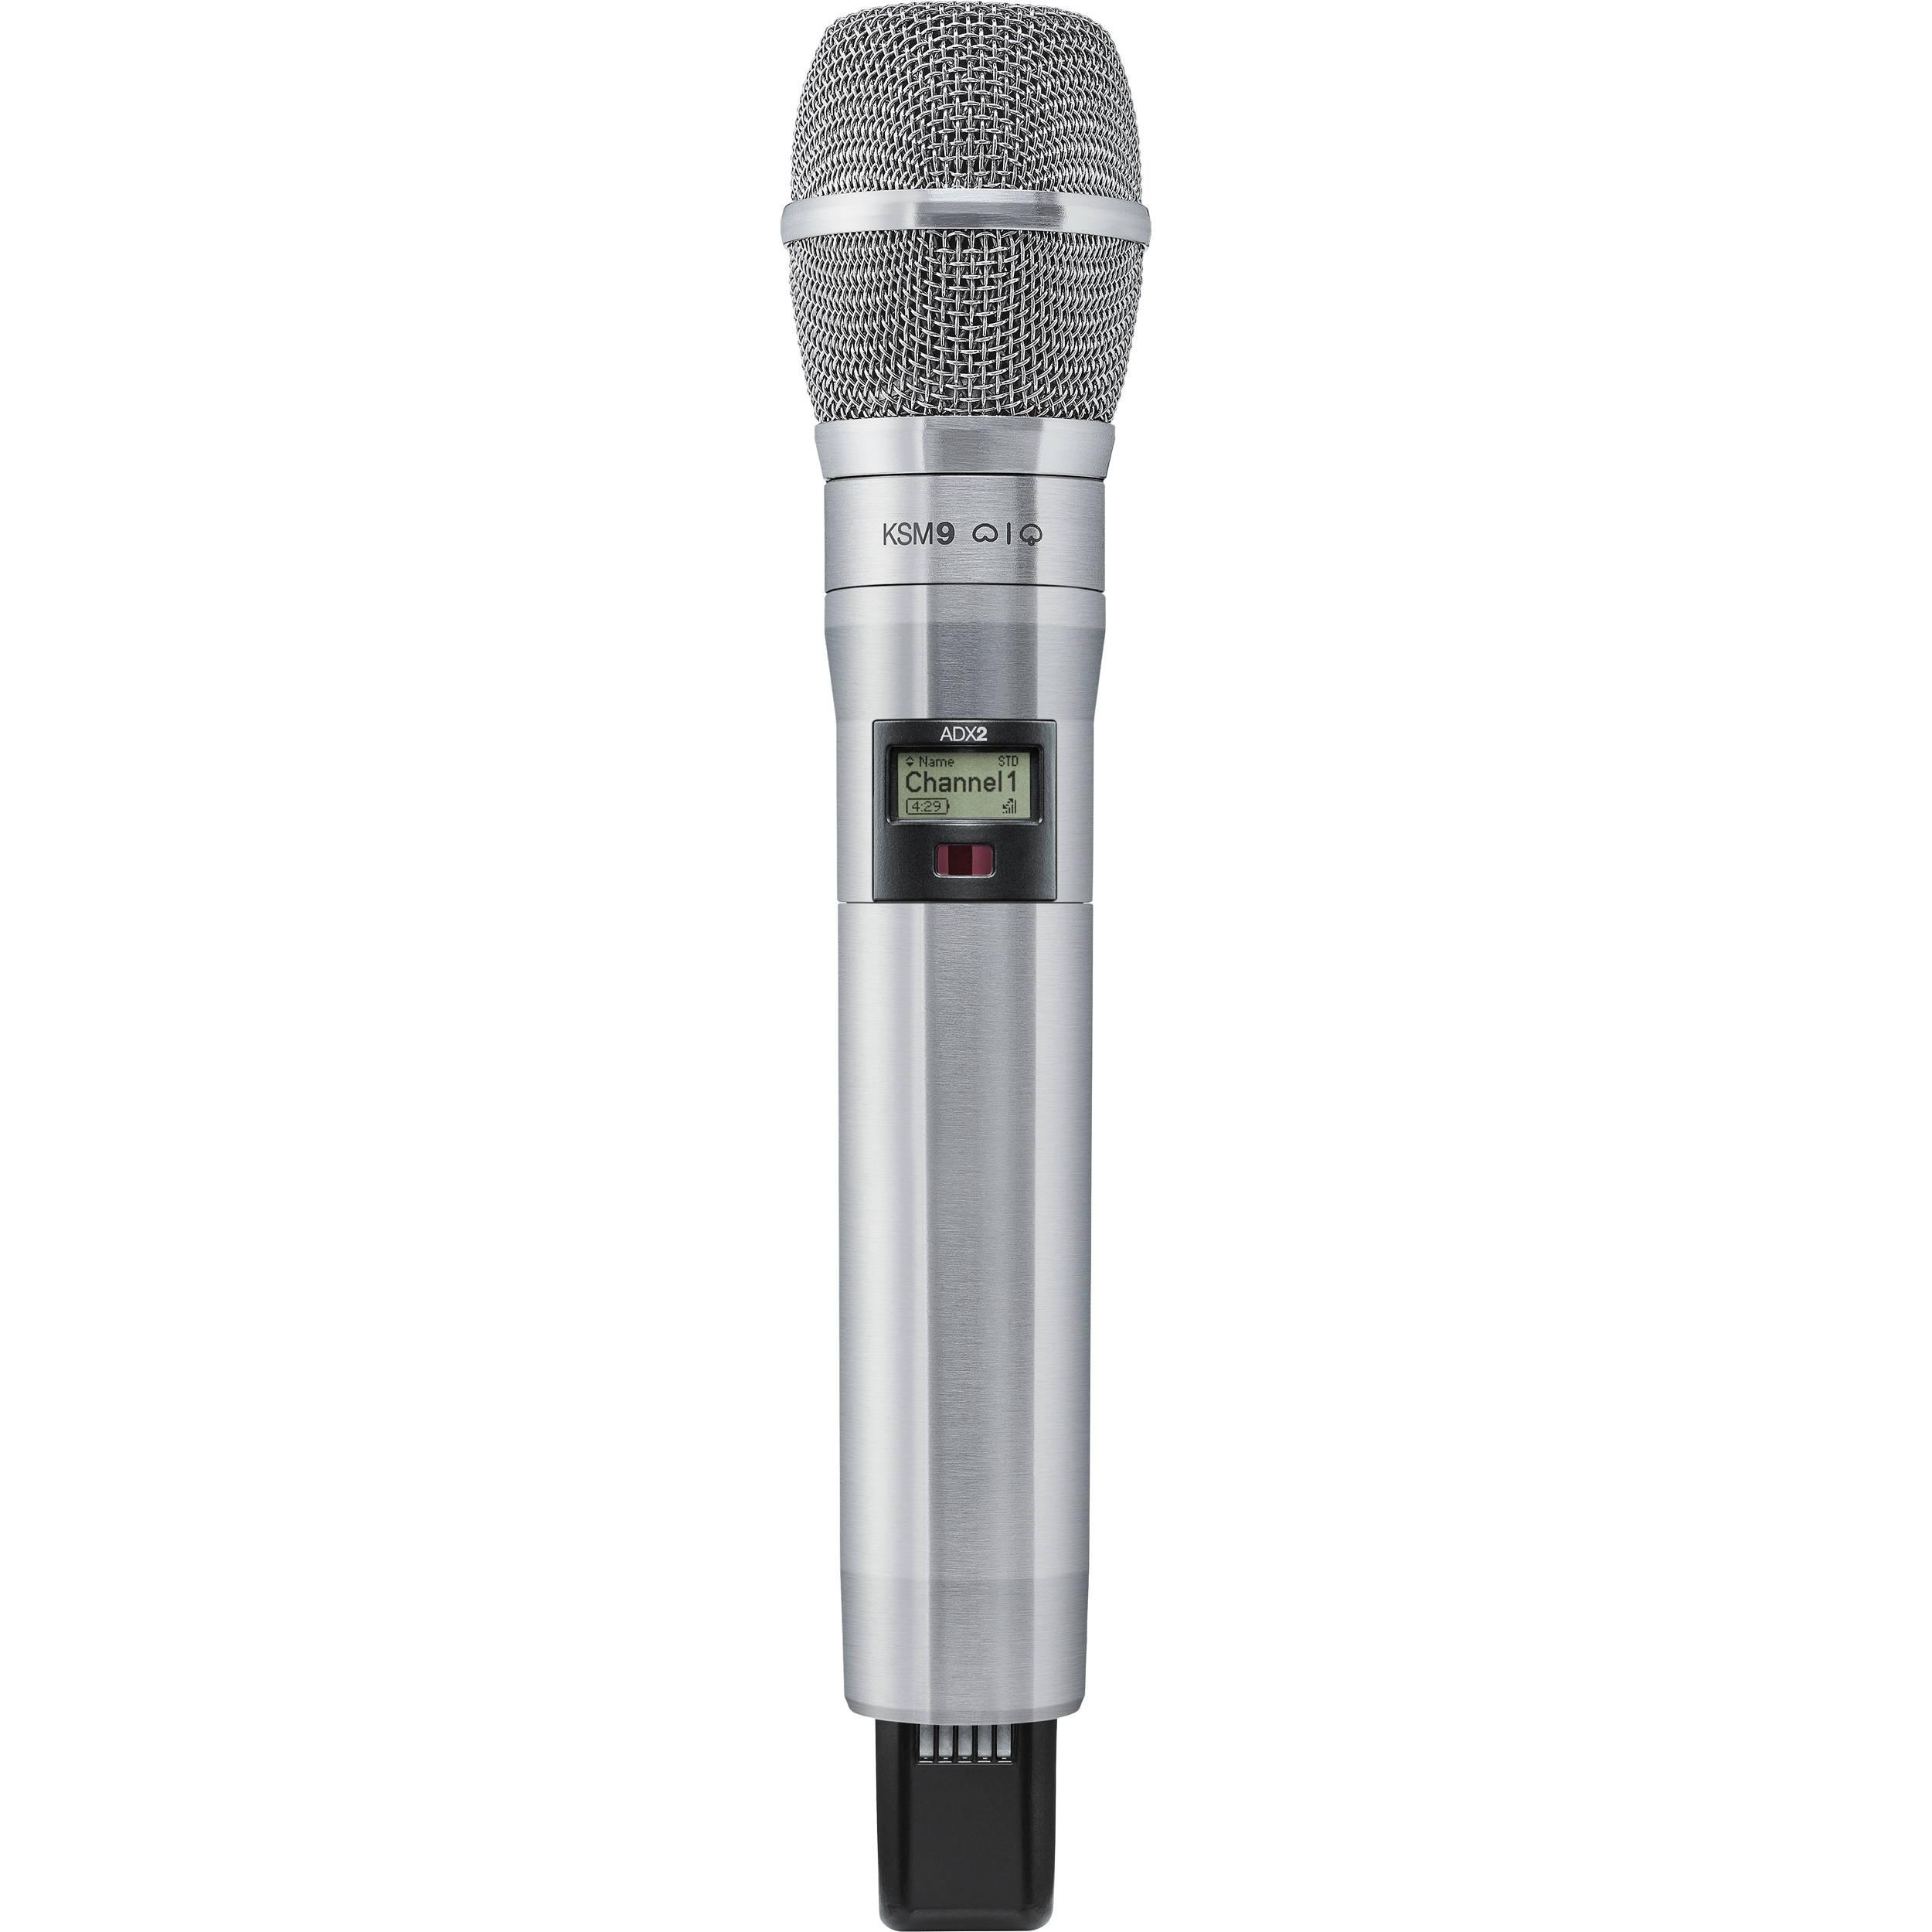 Shure ADX2/K9N Digital Handheld Wireless Microphone Transmitter with KSM9 Capsule